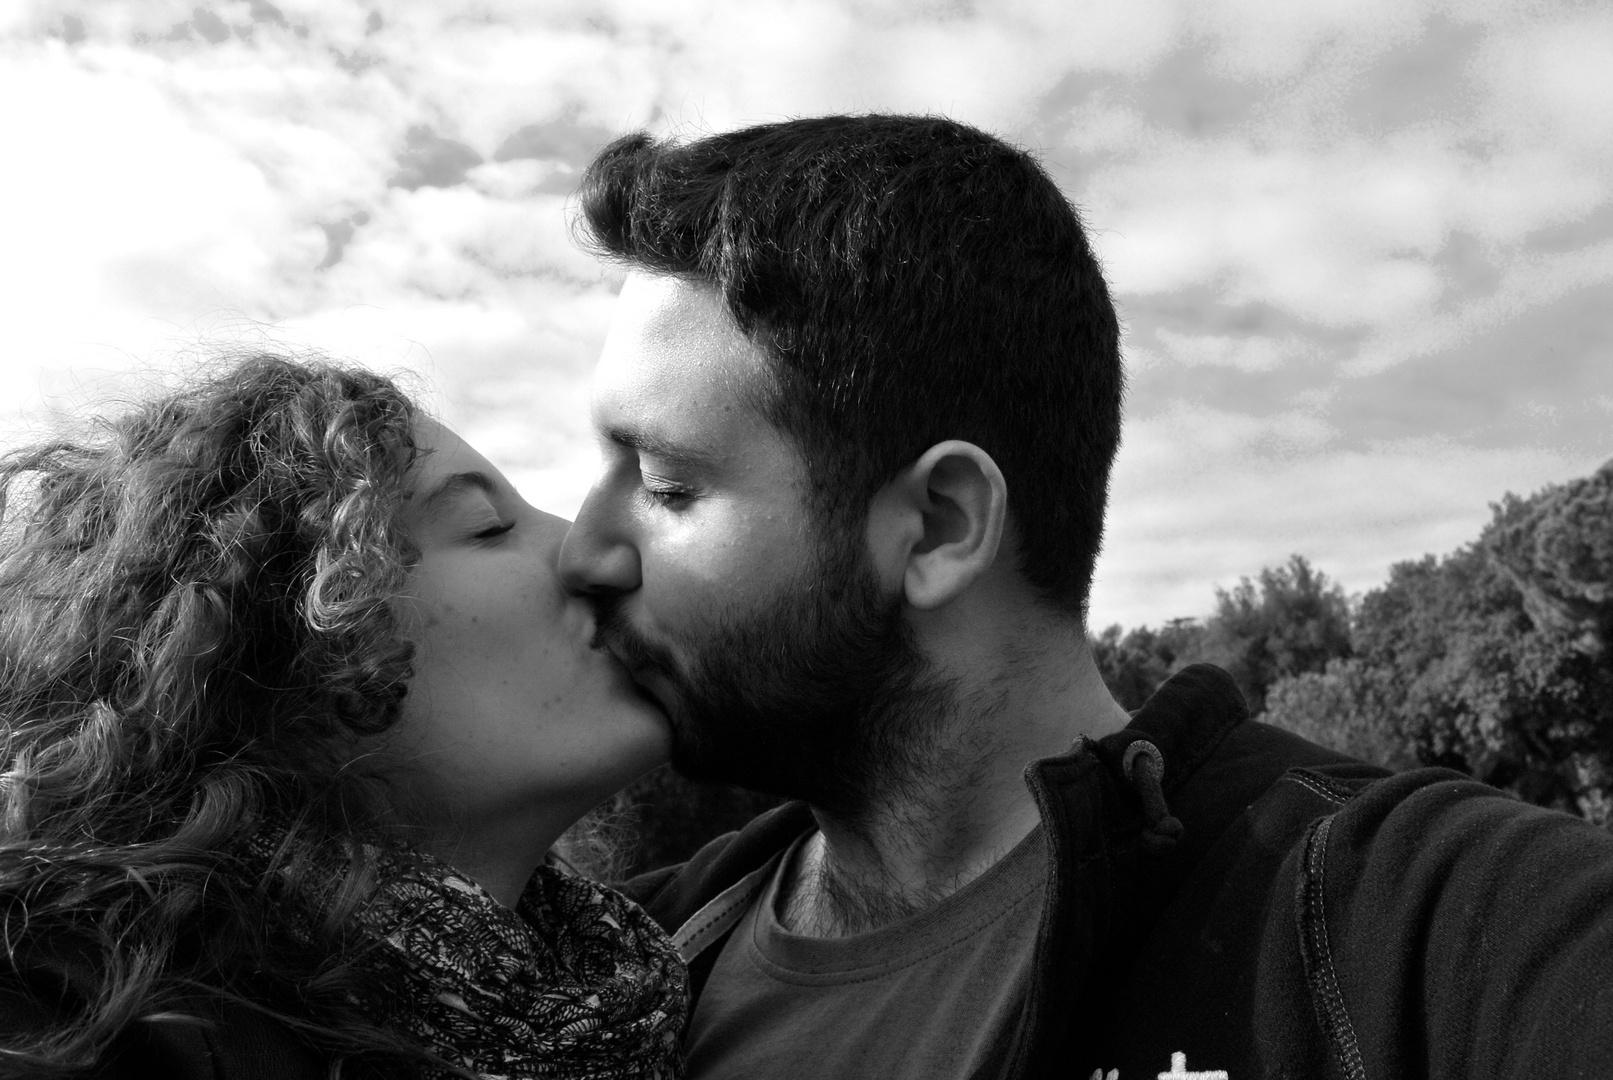 A new kiss